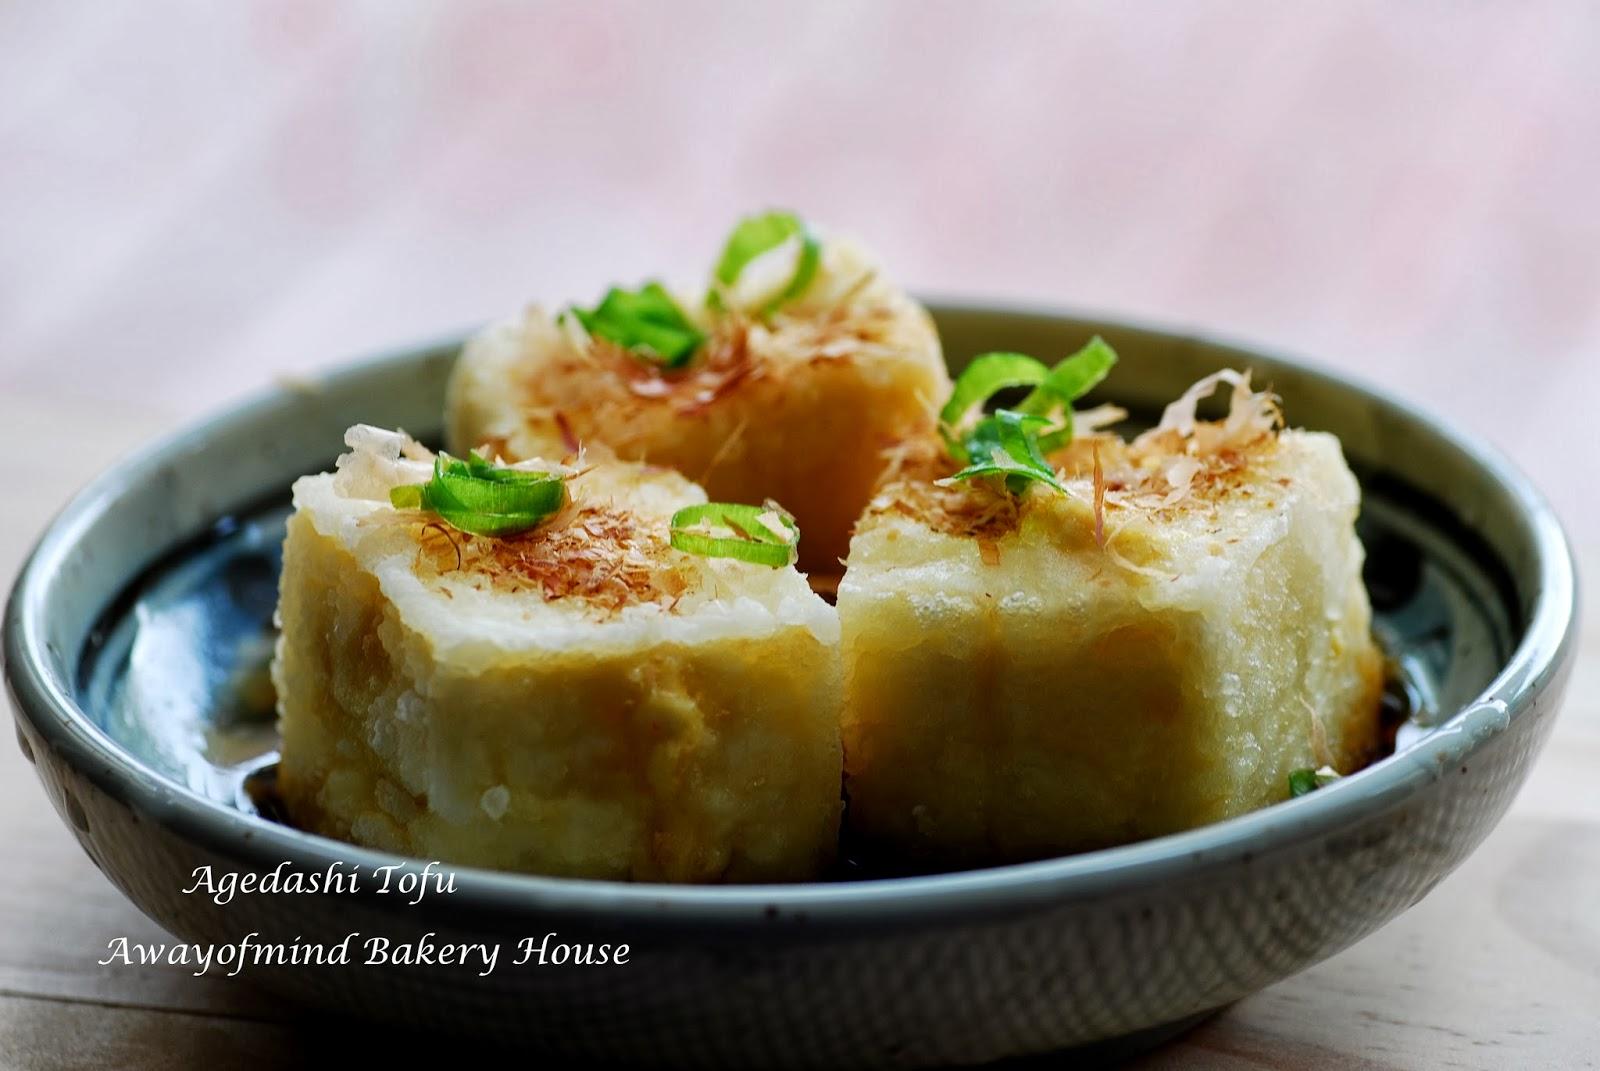 Awayofmind Bakery House: 揚げ出し豆腐 Agedashi Tofu